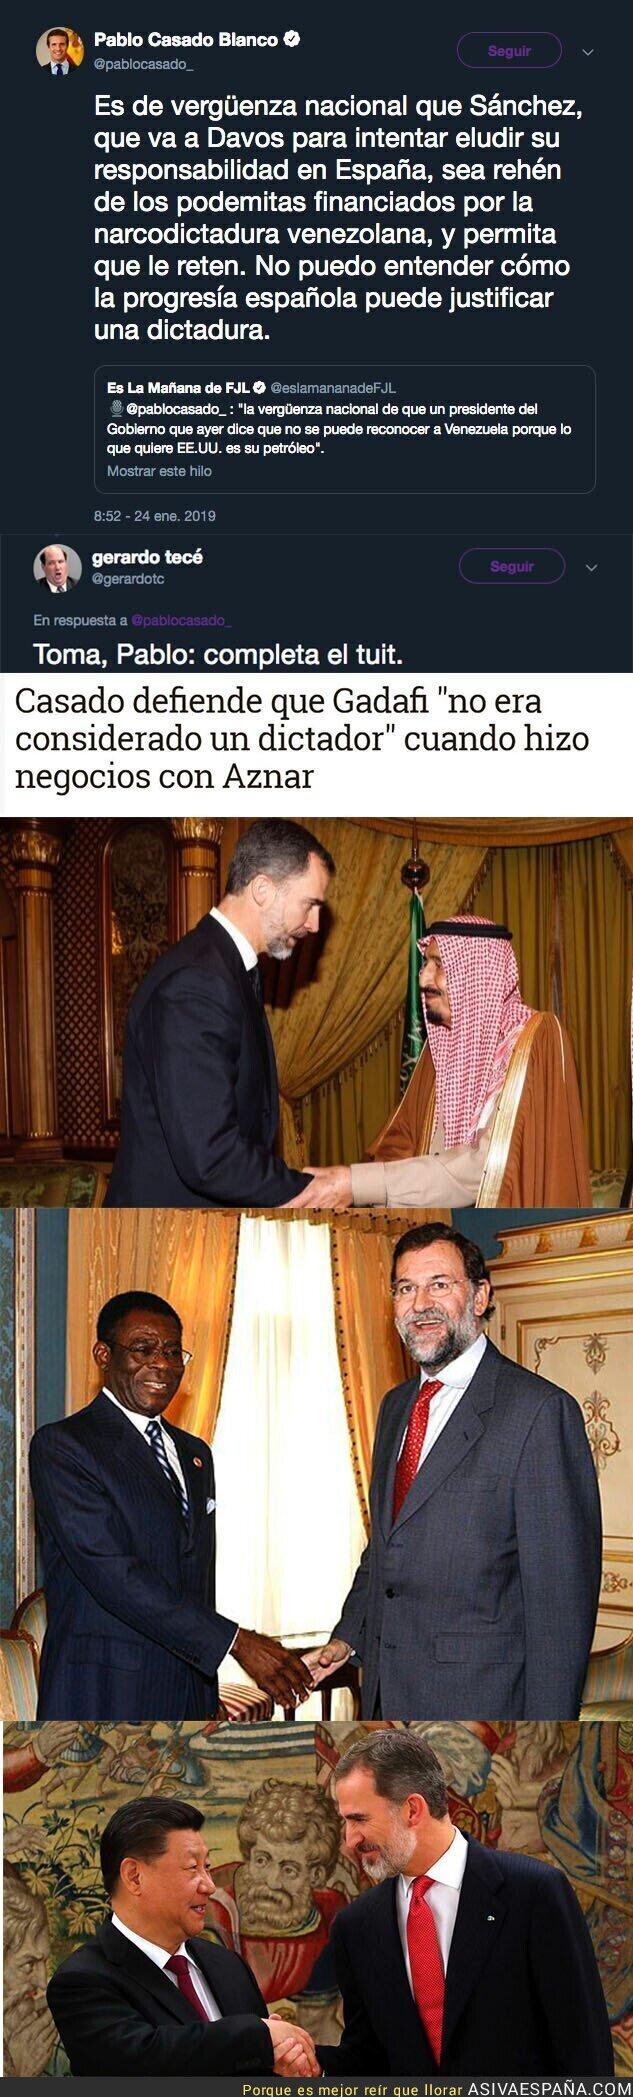 103339 - Pablo Casado ataca a Pedro Sánchez con Podemos por la situación de Venezuela y le responden duramente